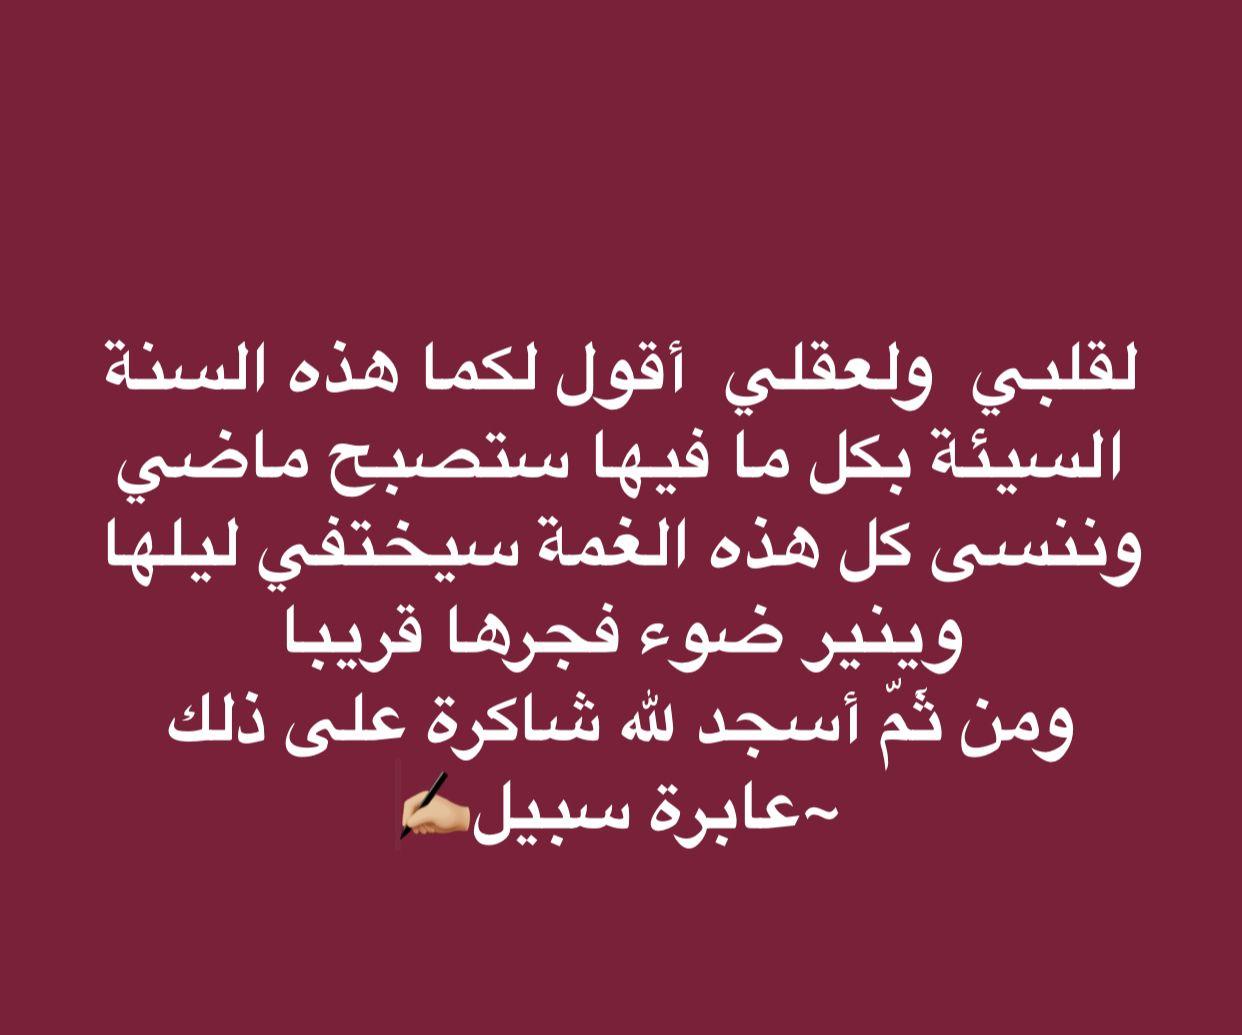 الله على جبر الخواطر كريم Arabic Quotes Quotes Arabic Calligraphy